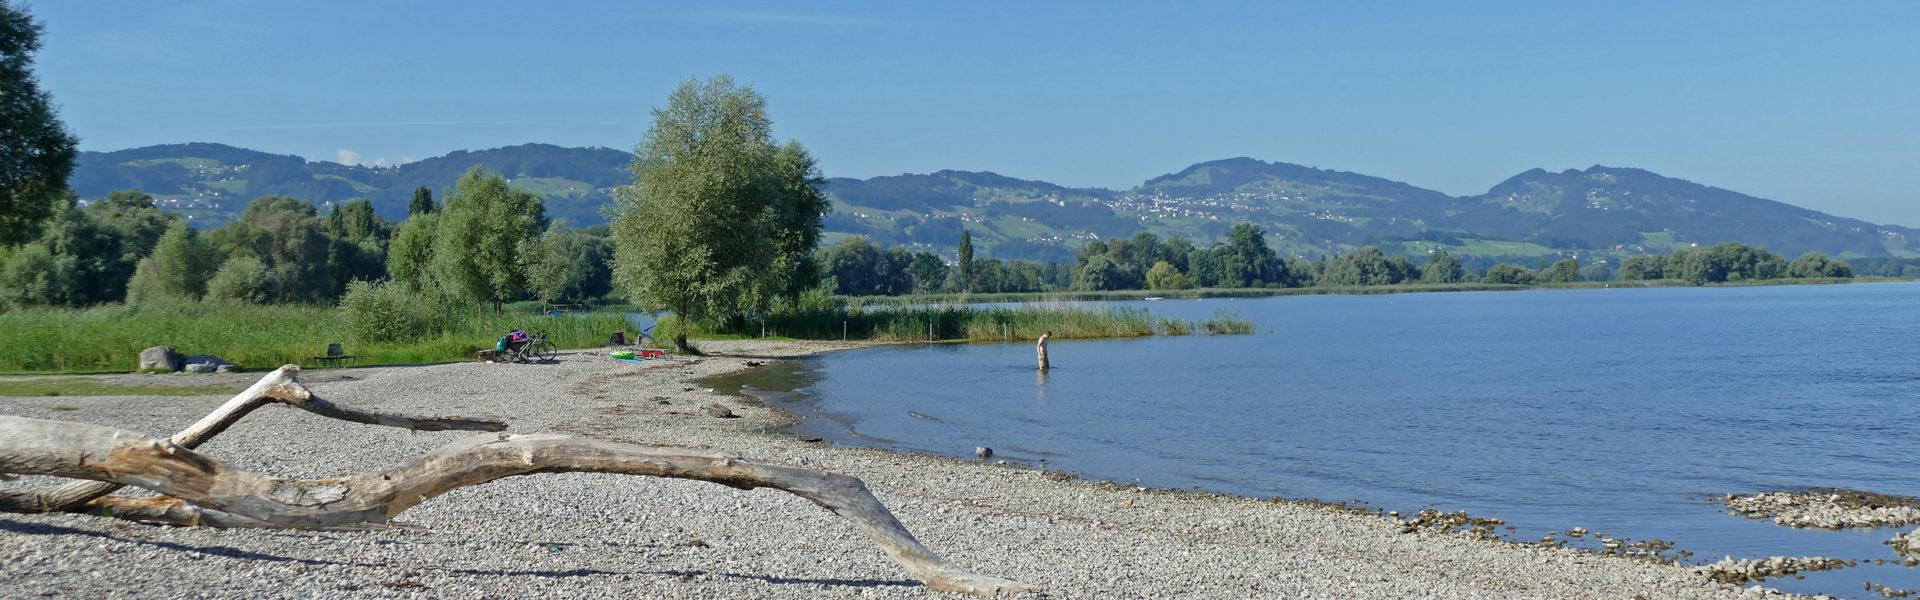 Baden am Rohrspitz, Rheindelta (c) Joachim Negwer / Vorarlberg Tourismus